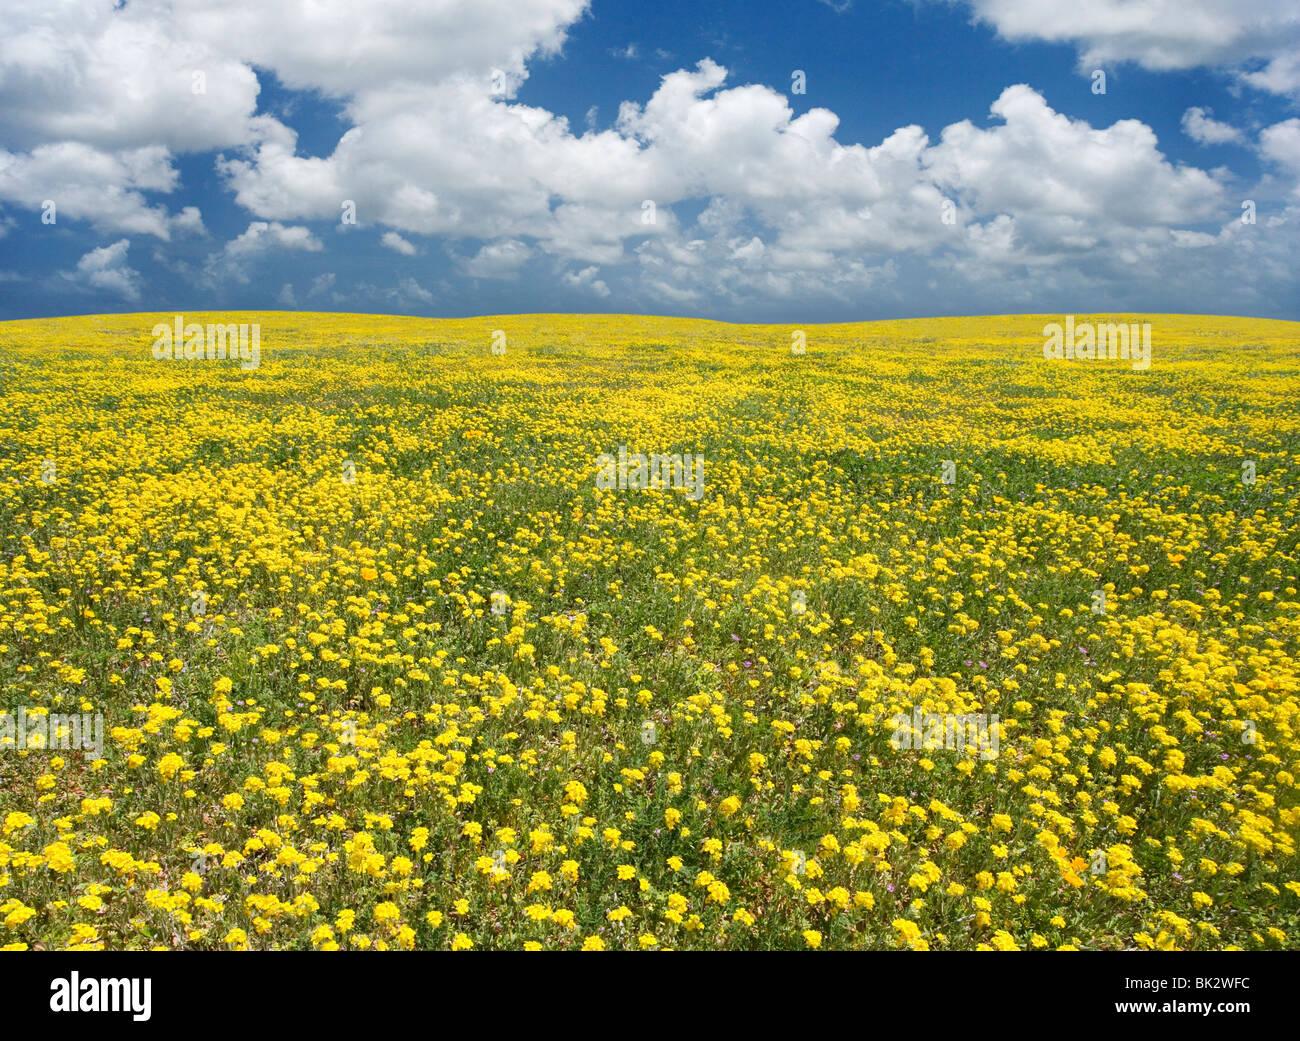 Ein weites Feld an gelbe Wildblumen, das auf ewig geht. Der Fotograf retuschiert die Horizontlinie und Himmel. Stockbild